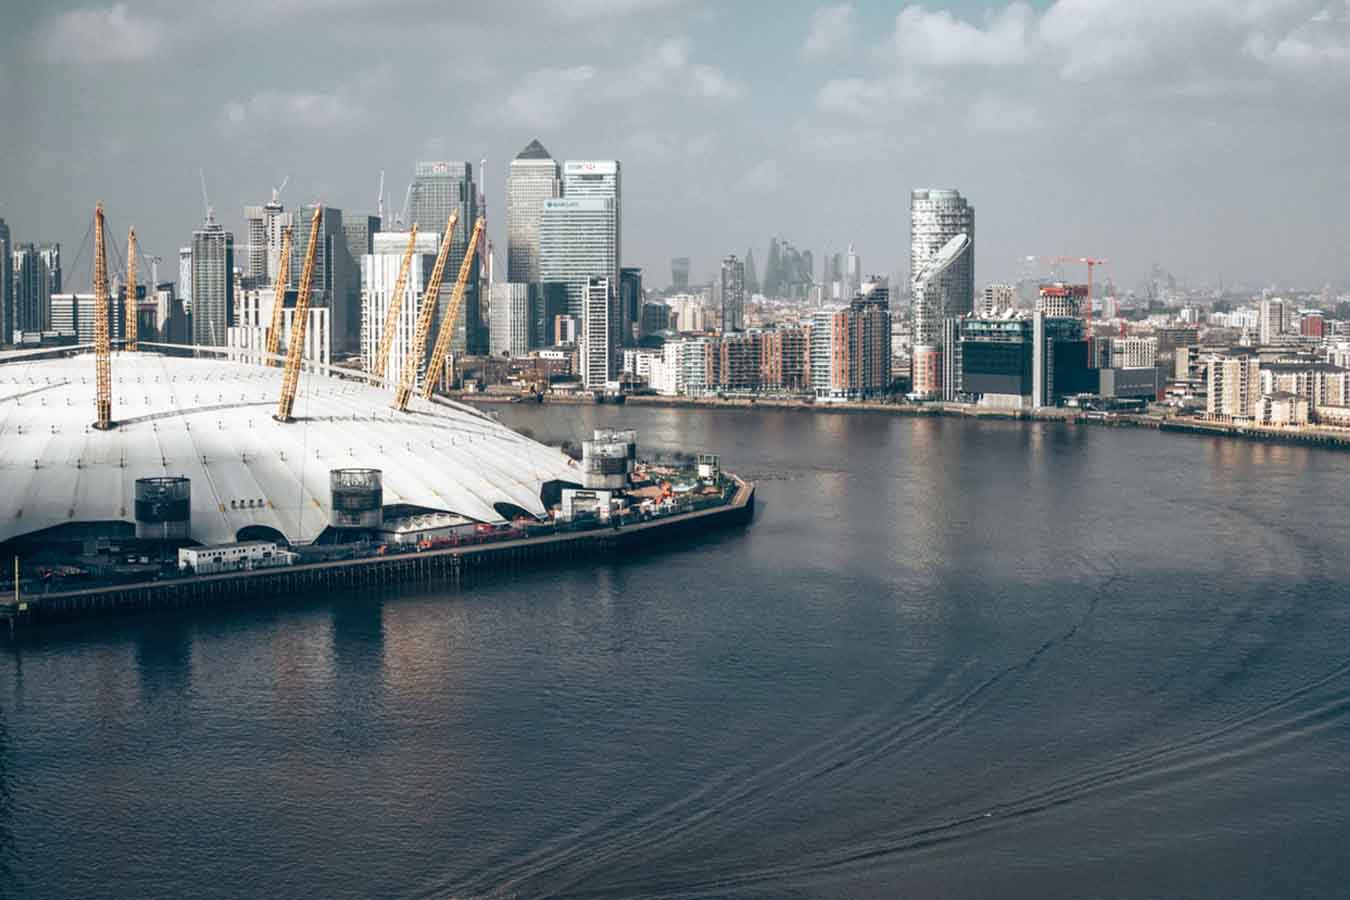 Millennium Dome. London, UK